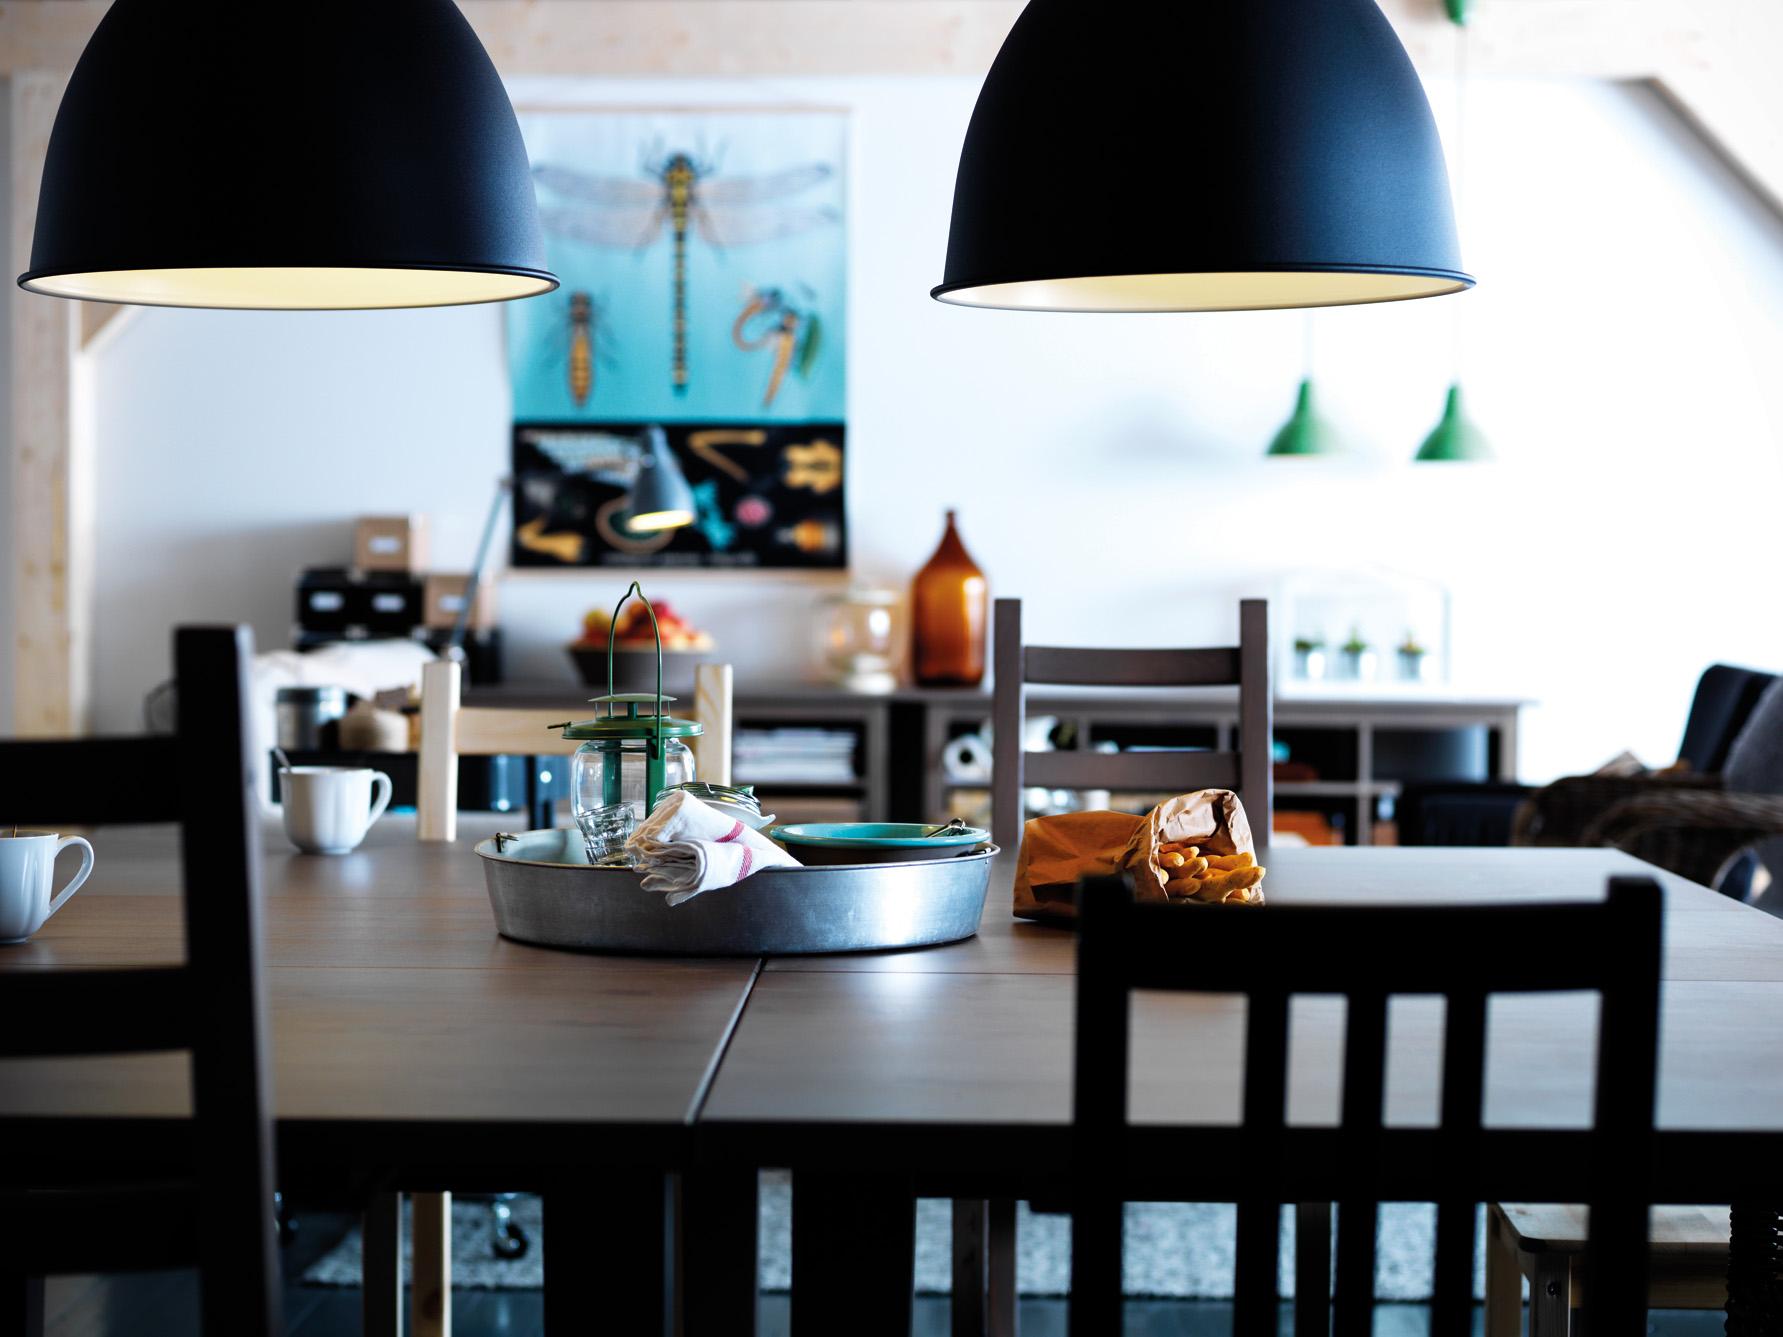 Ikea tambi n conf a en la tecnolog a m vil tras 62 a os lanza su primer cat logo digital Ikea cocinas catalogo 2012